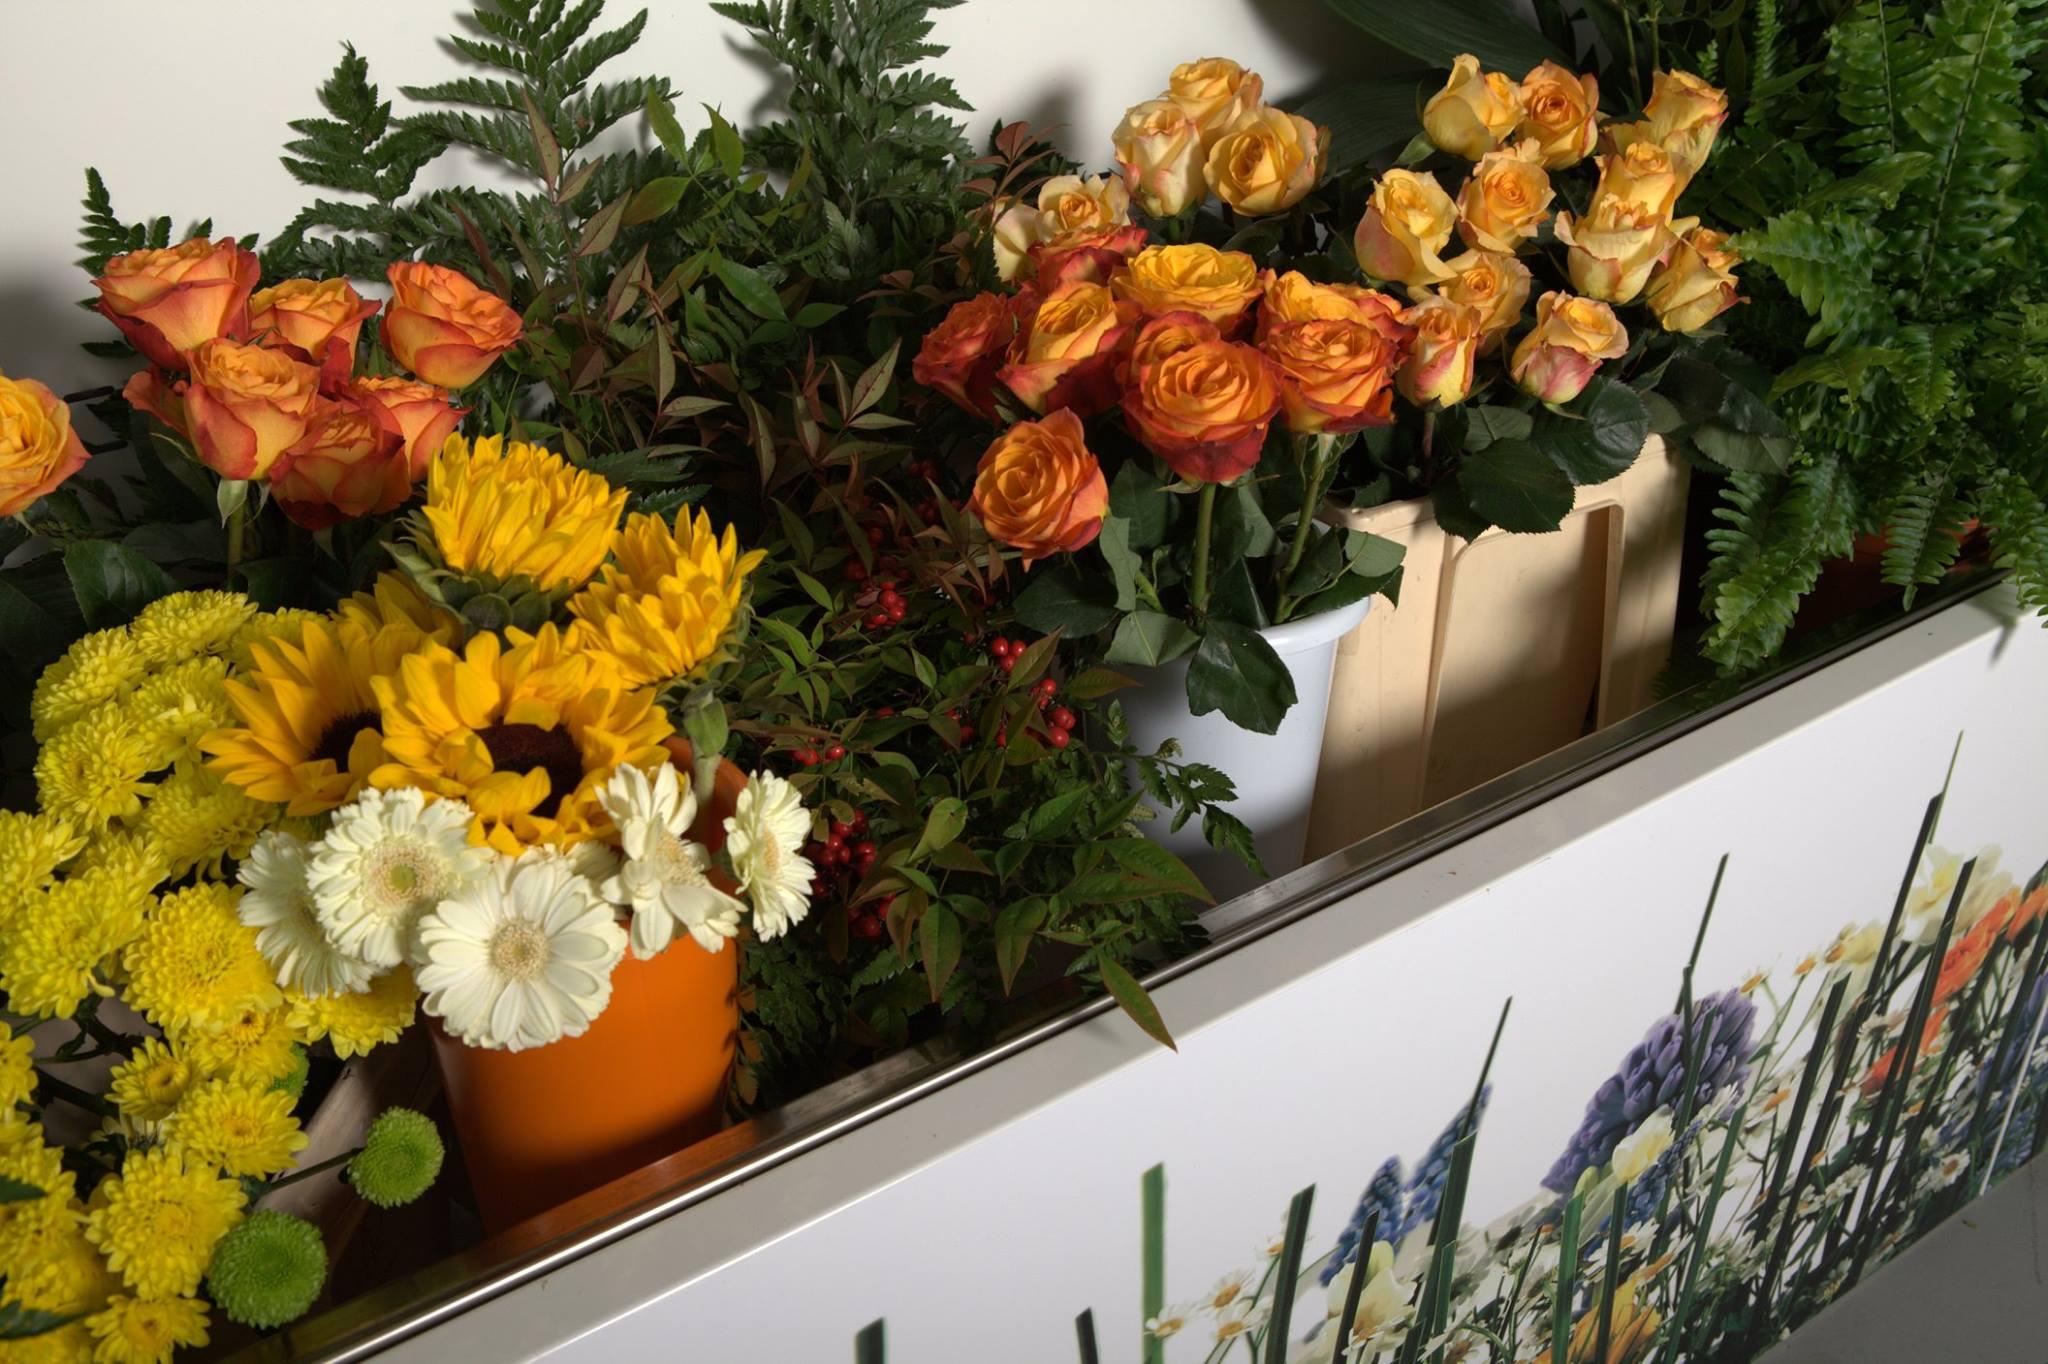 La vasca per esporre i fiori recisi.